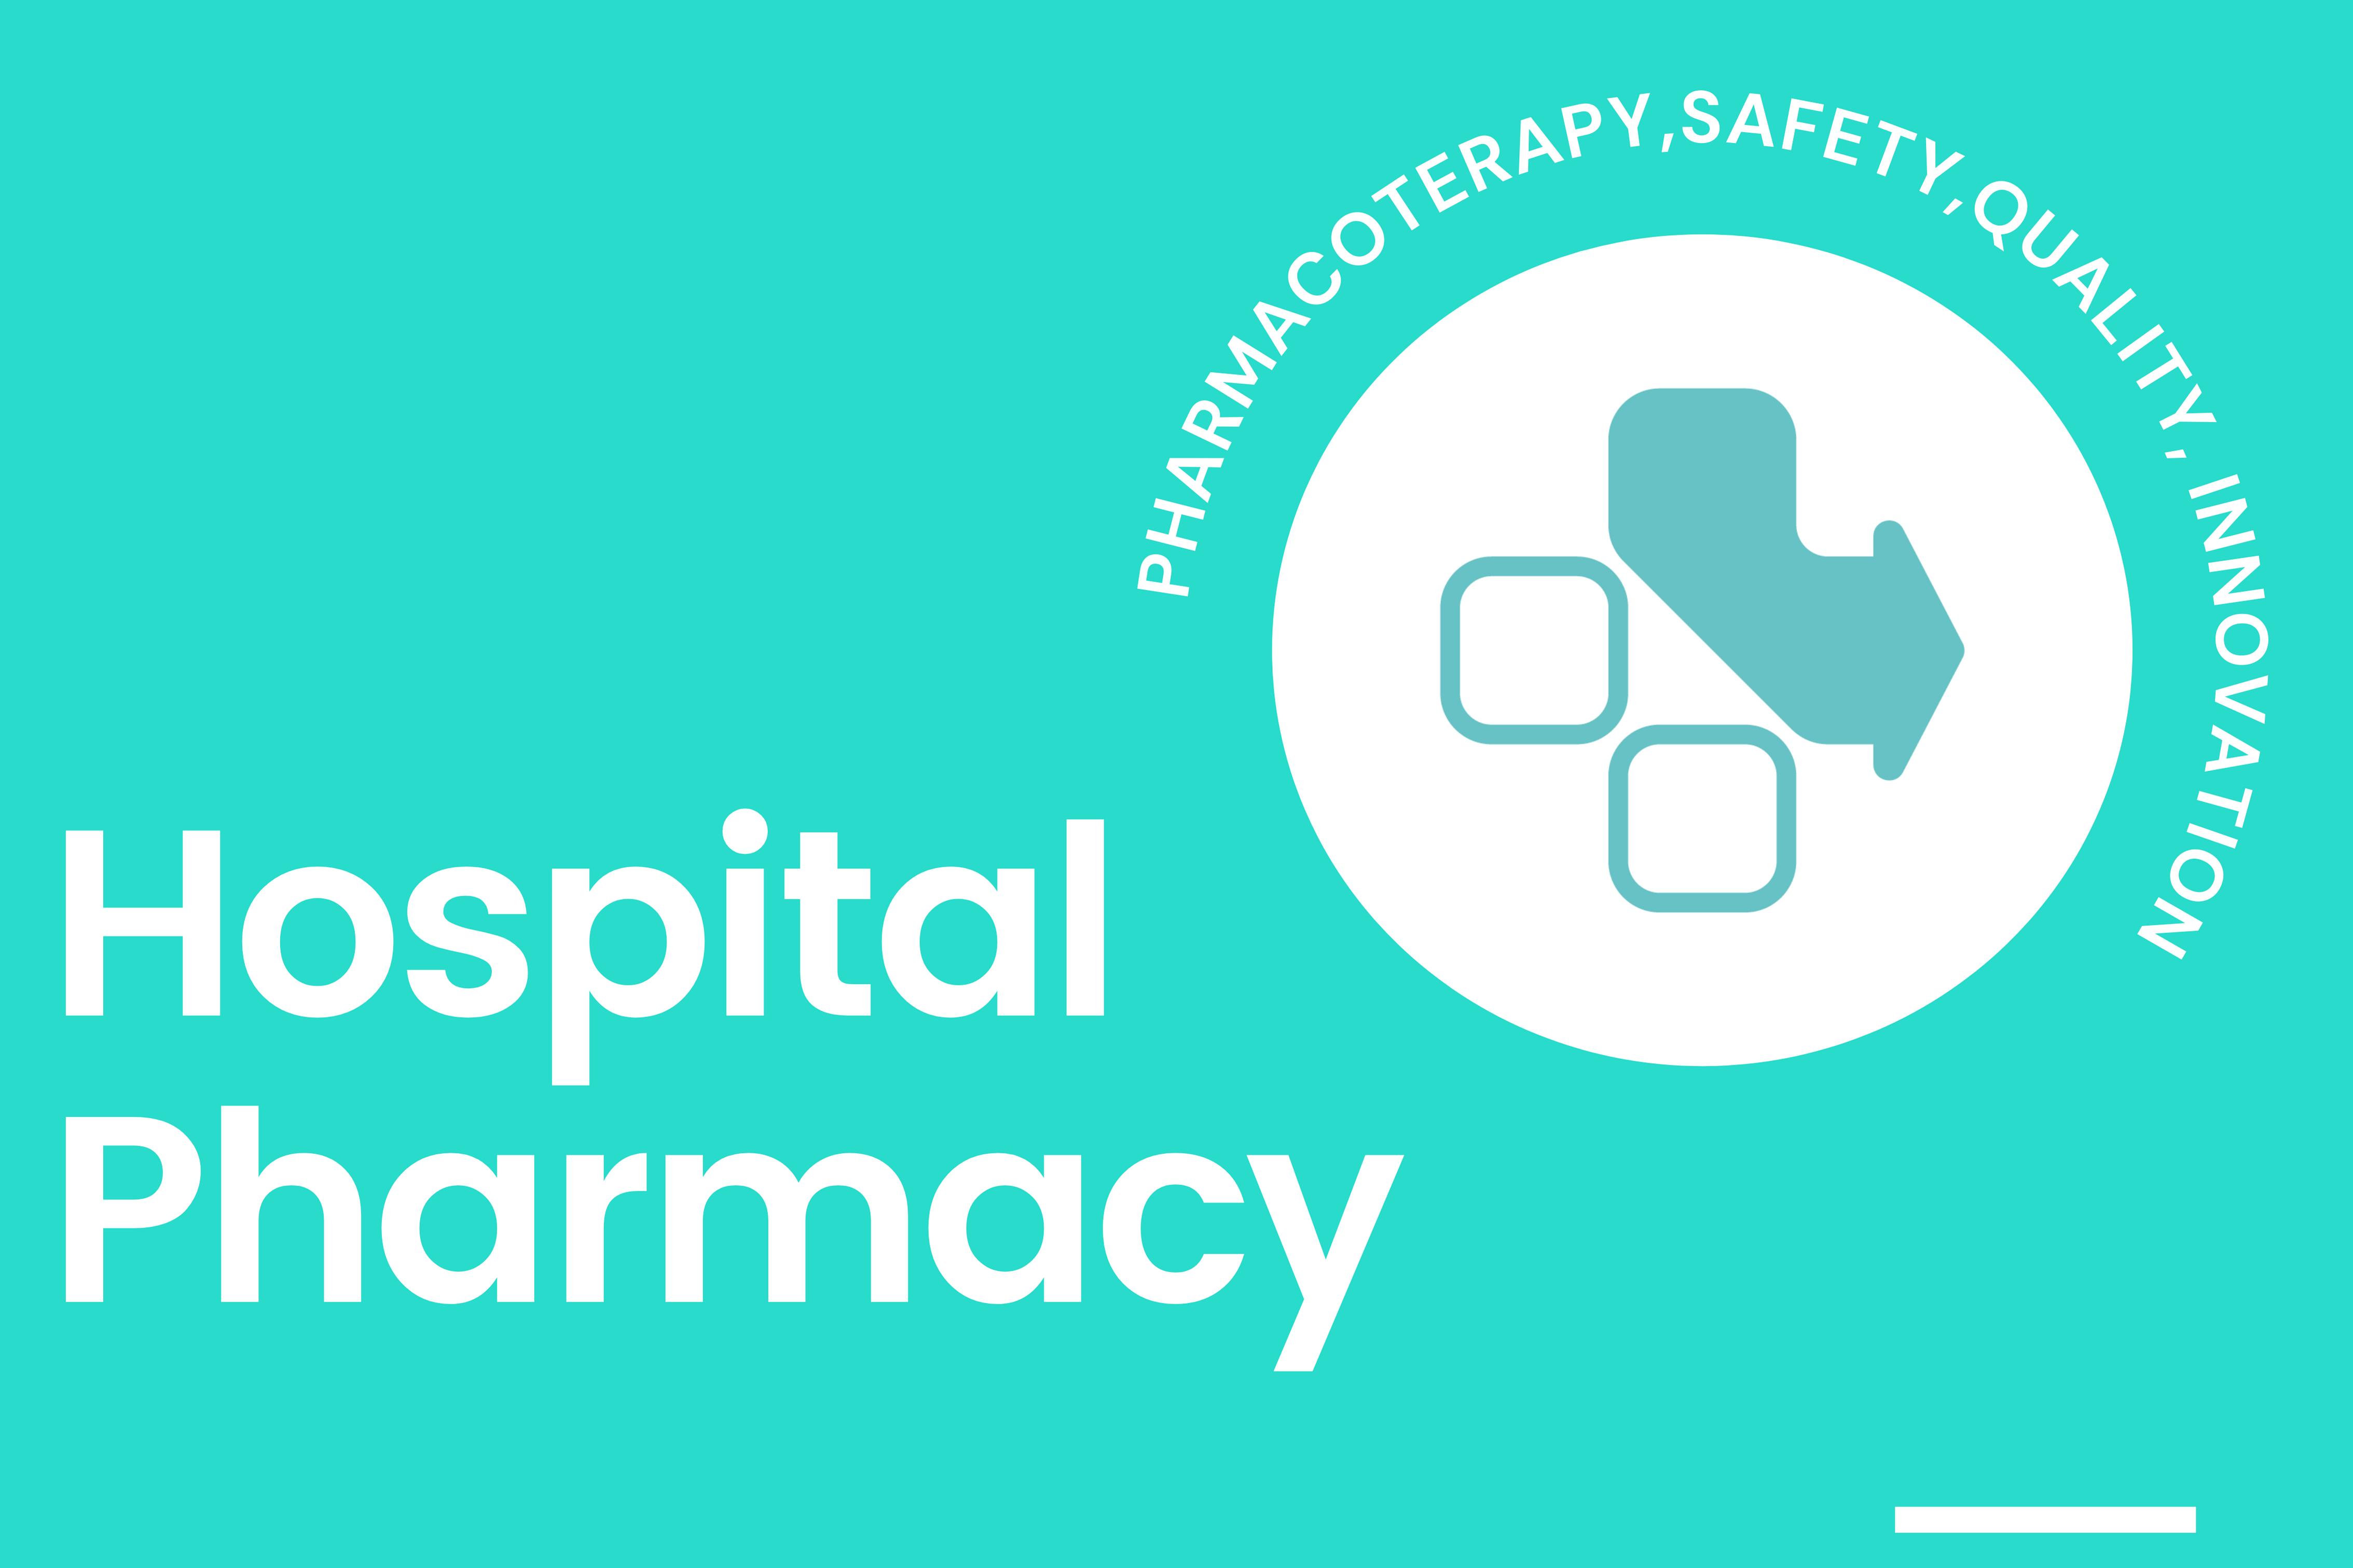 La Farmacia Hospitalaria es reconocida por su labor durante la pandemia COVID-19